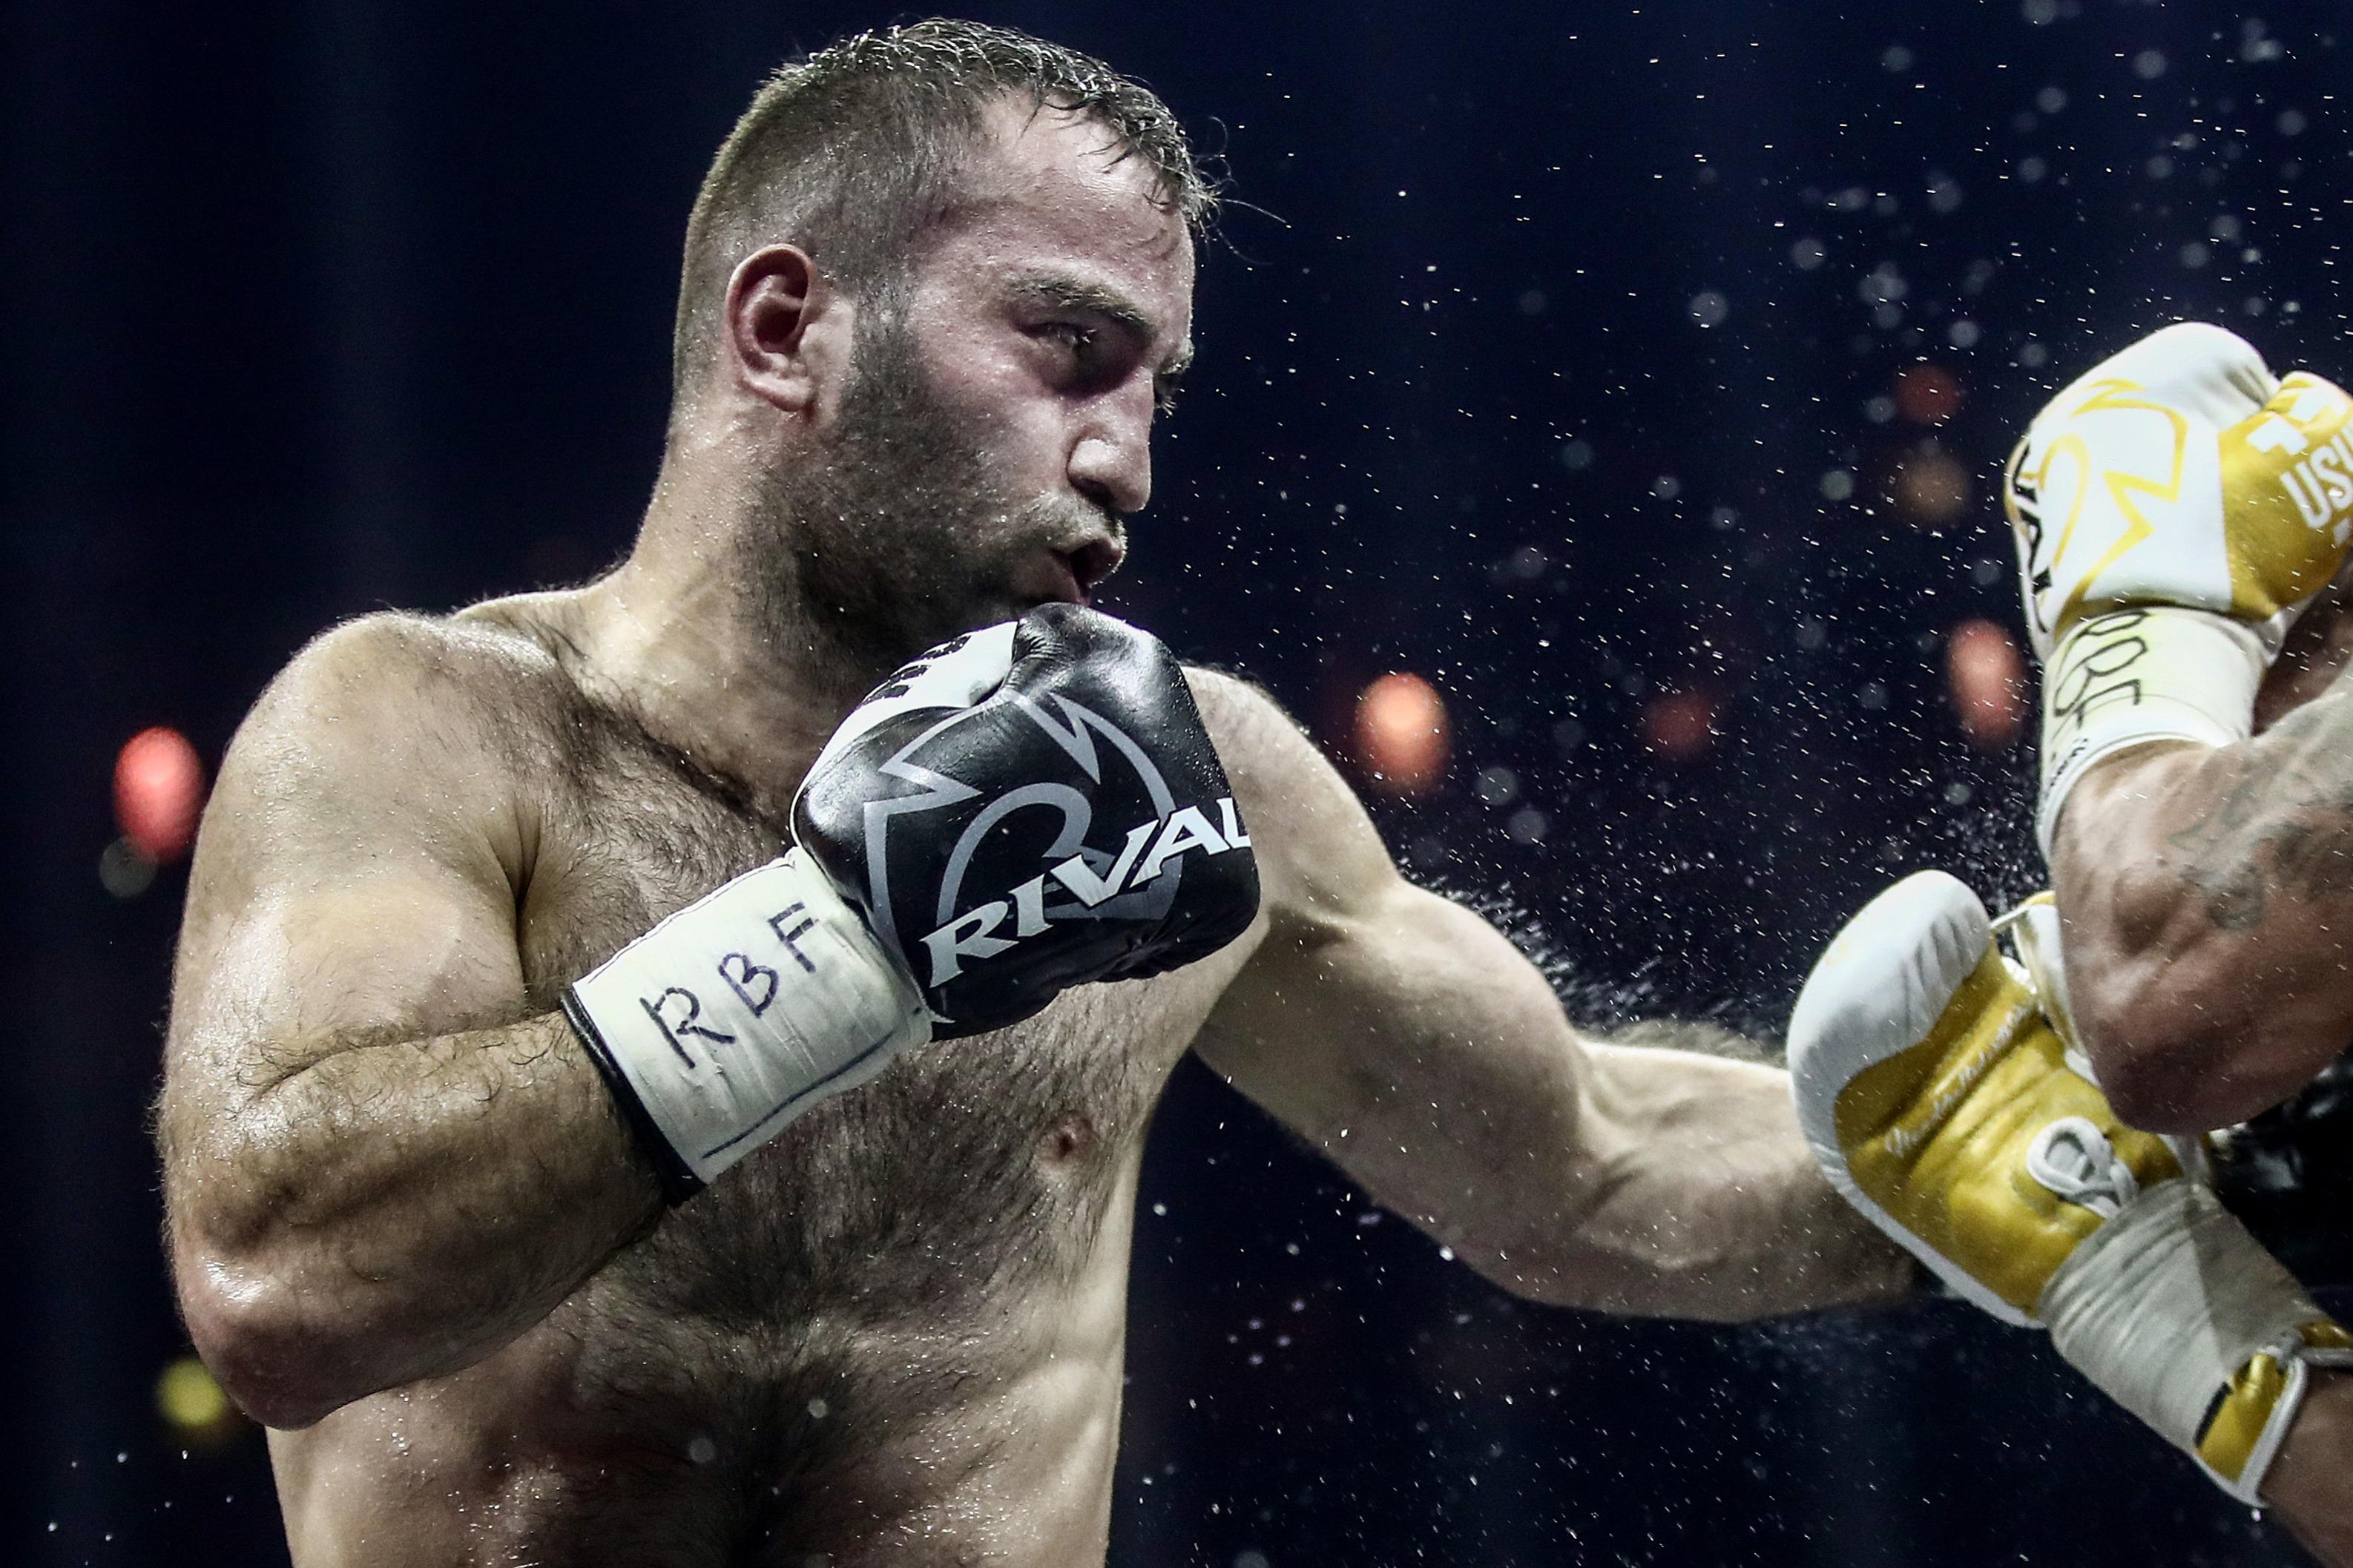 Боксер Гассиев дебютирует в супертяжелом весе боем против Давейко